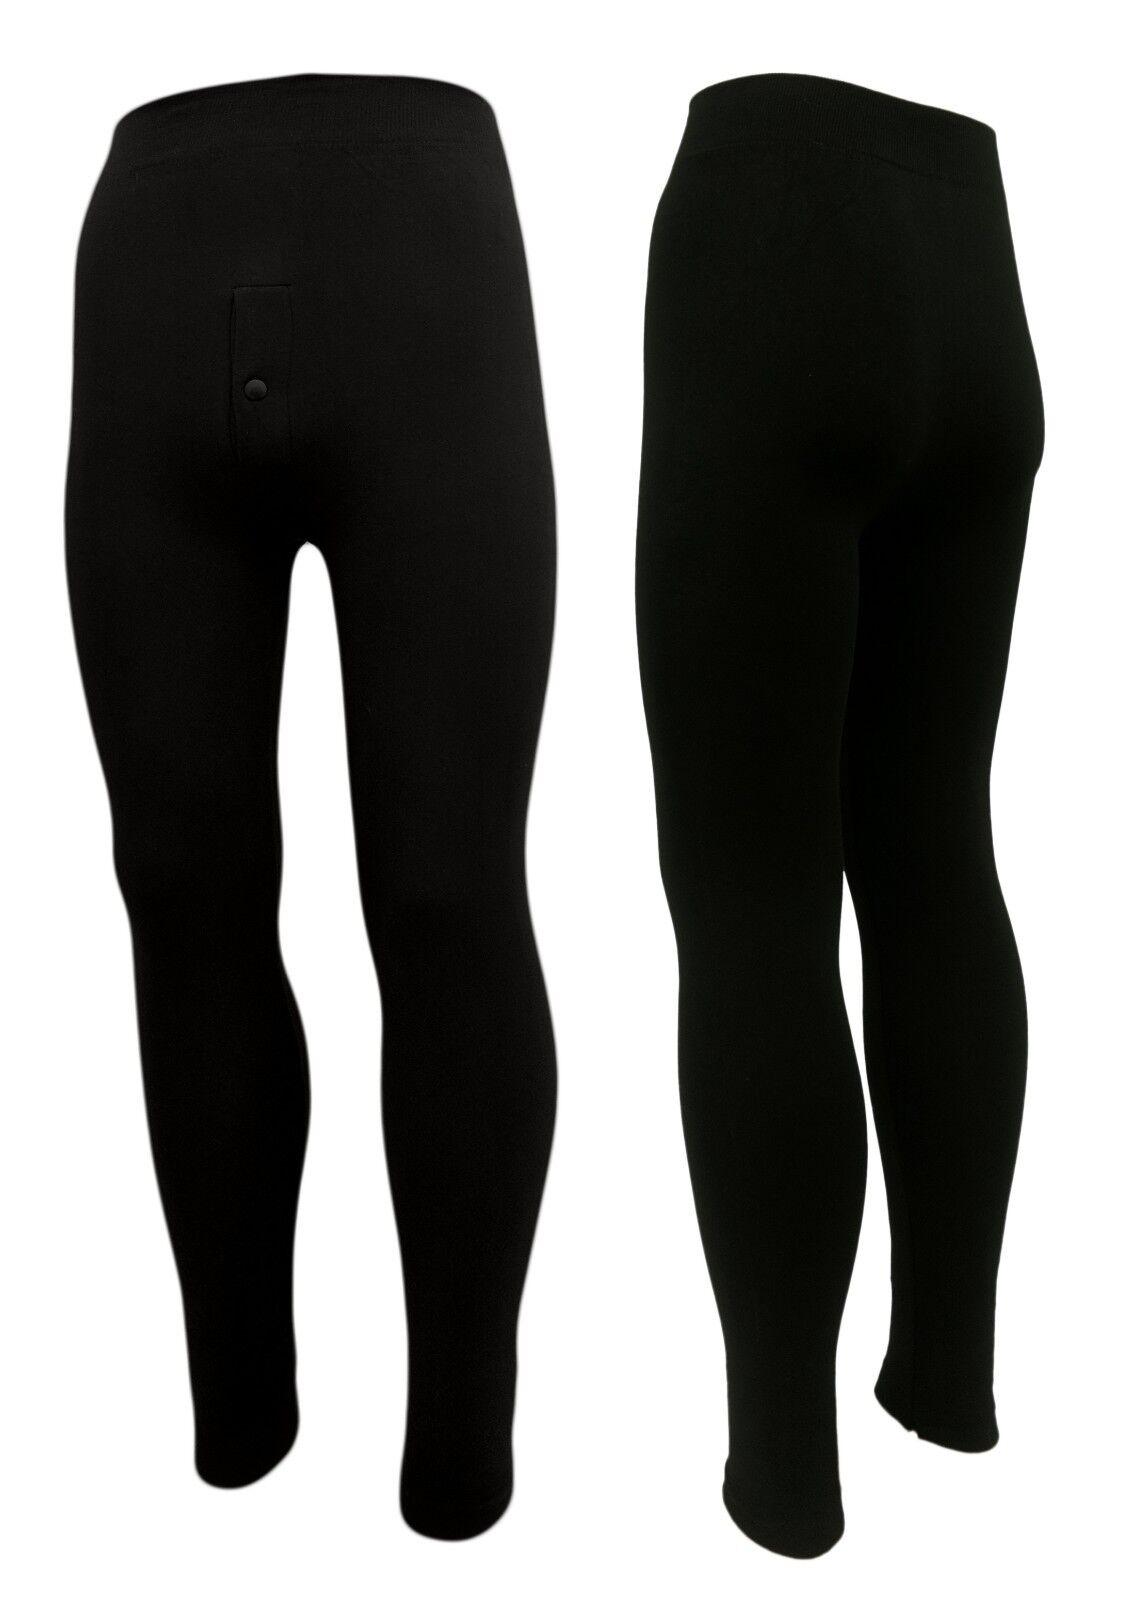 Winter Leggings für Männer 2er Set - 85% Baumwolle Eingriff schwarz Gr. S, M, L